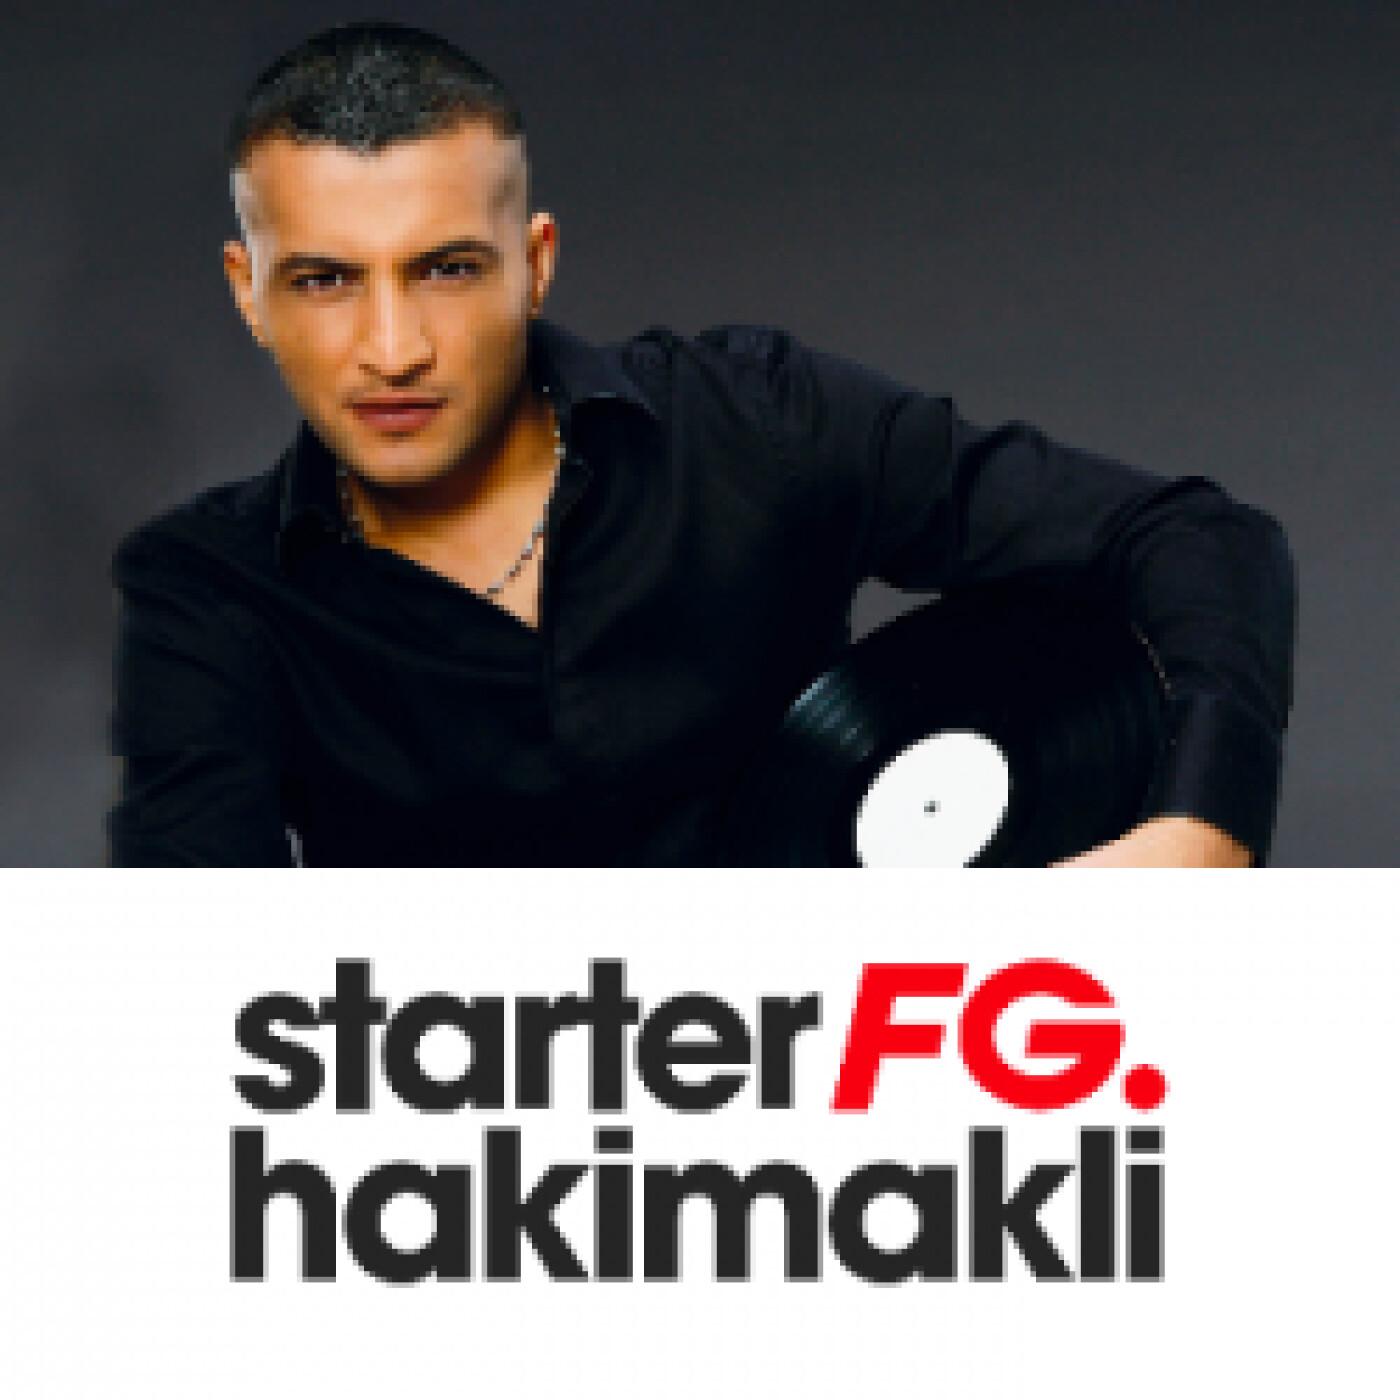 STARTER FG BY HAKIMAKLI JEUDI 8 AVRIL 2021